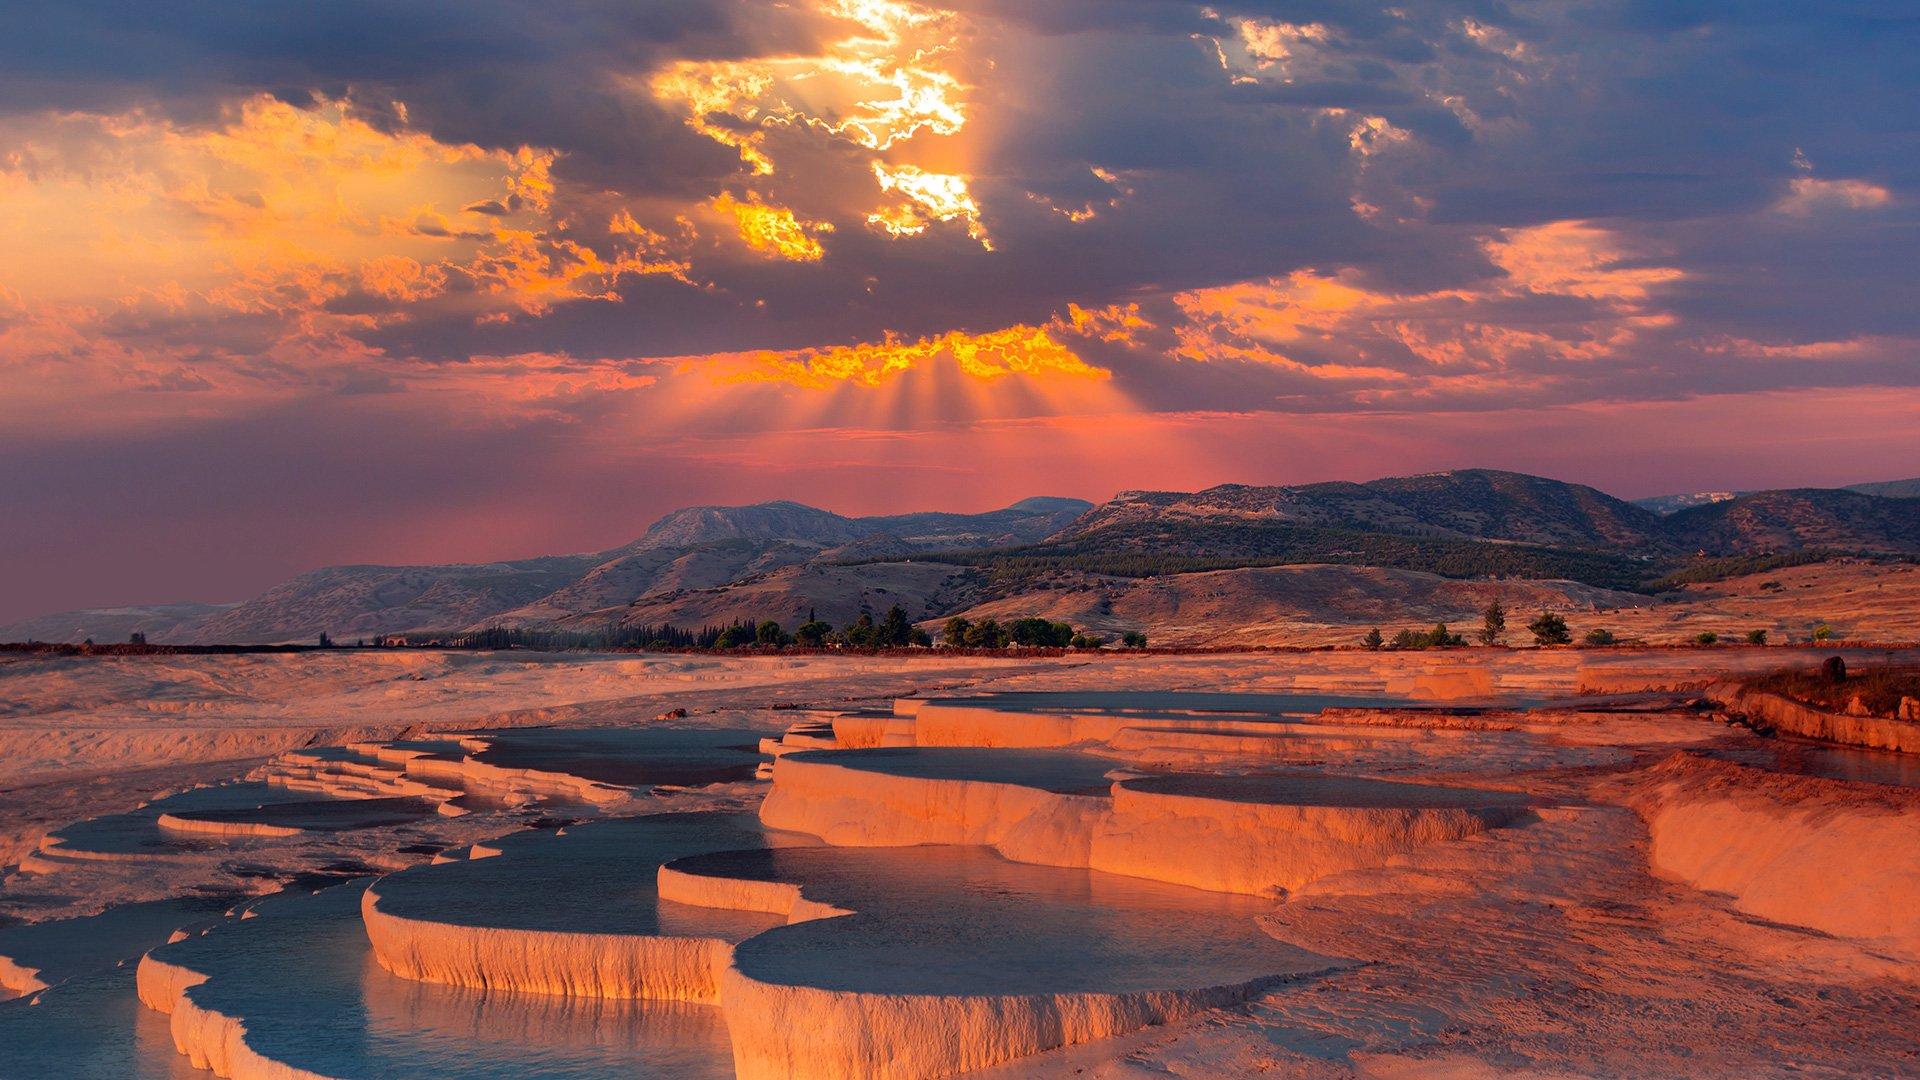 1920x1080 wallpaper amazing sunset - photo #46